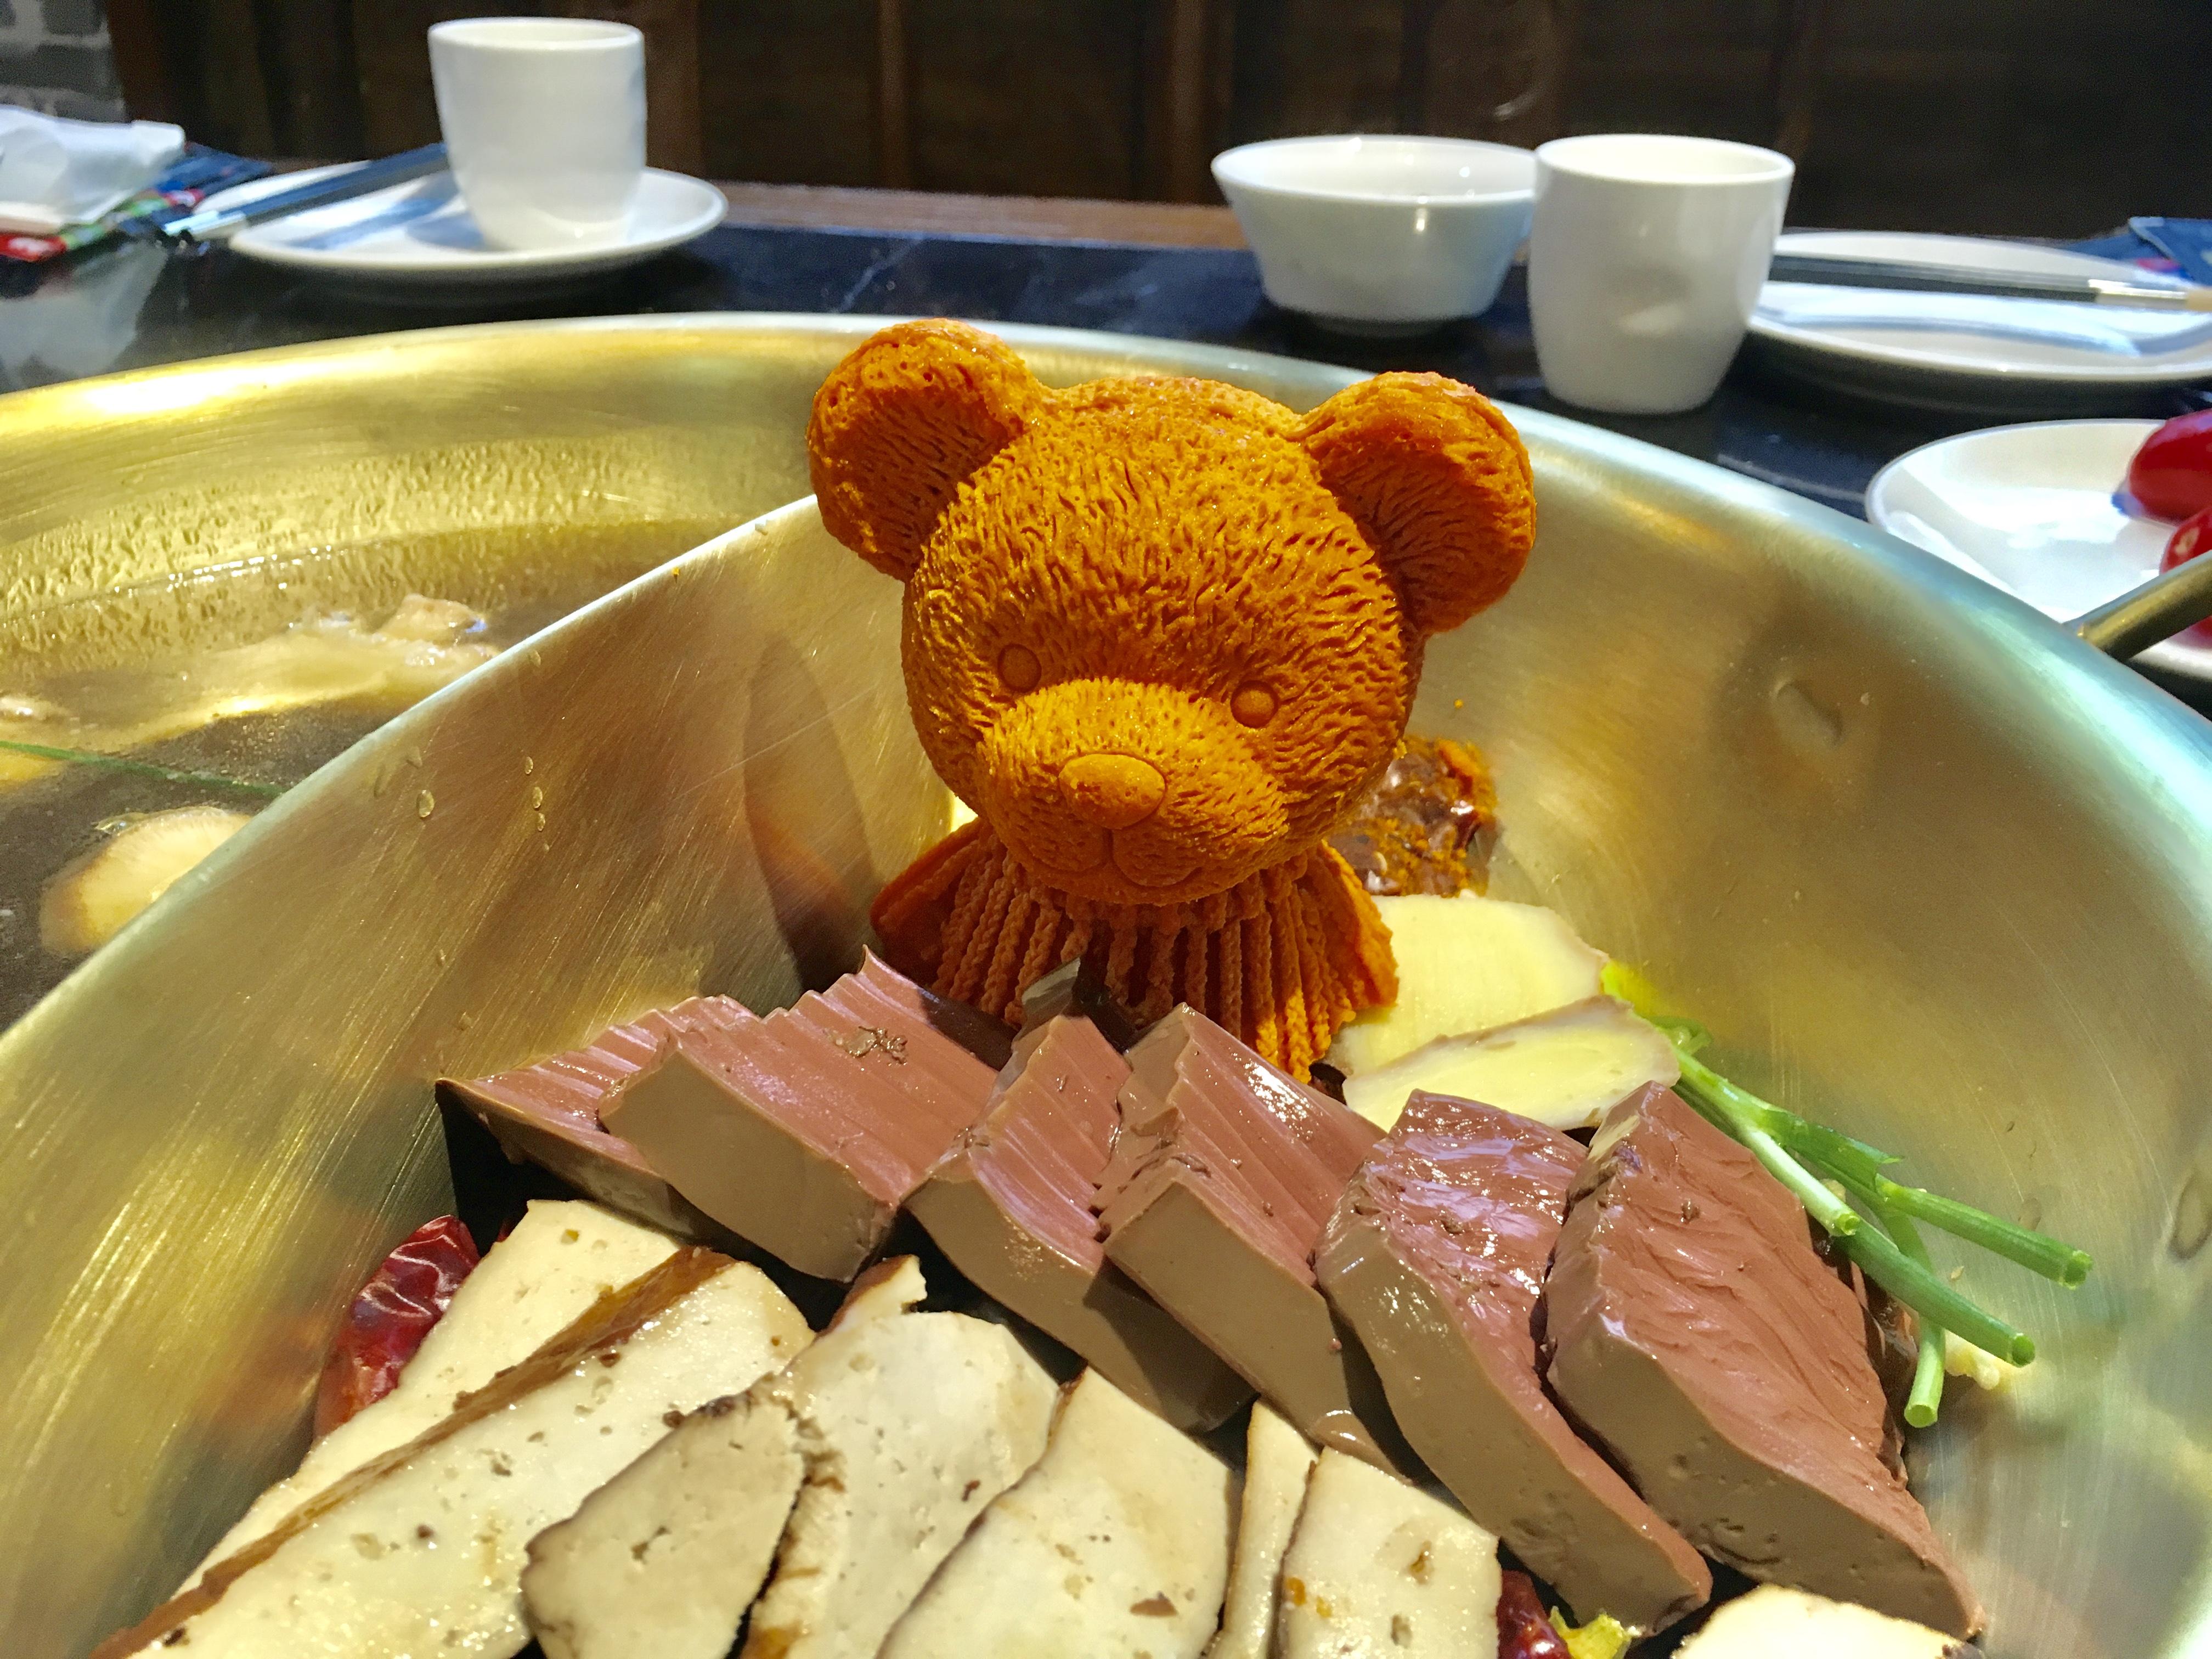 四川料理火鍋の上に可愛らしい熊さんが